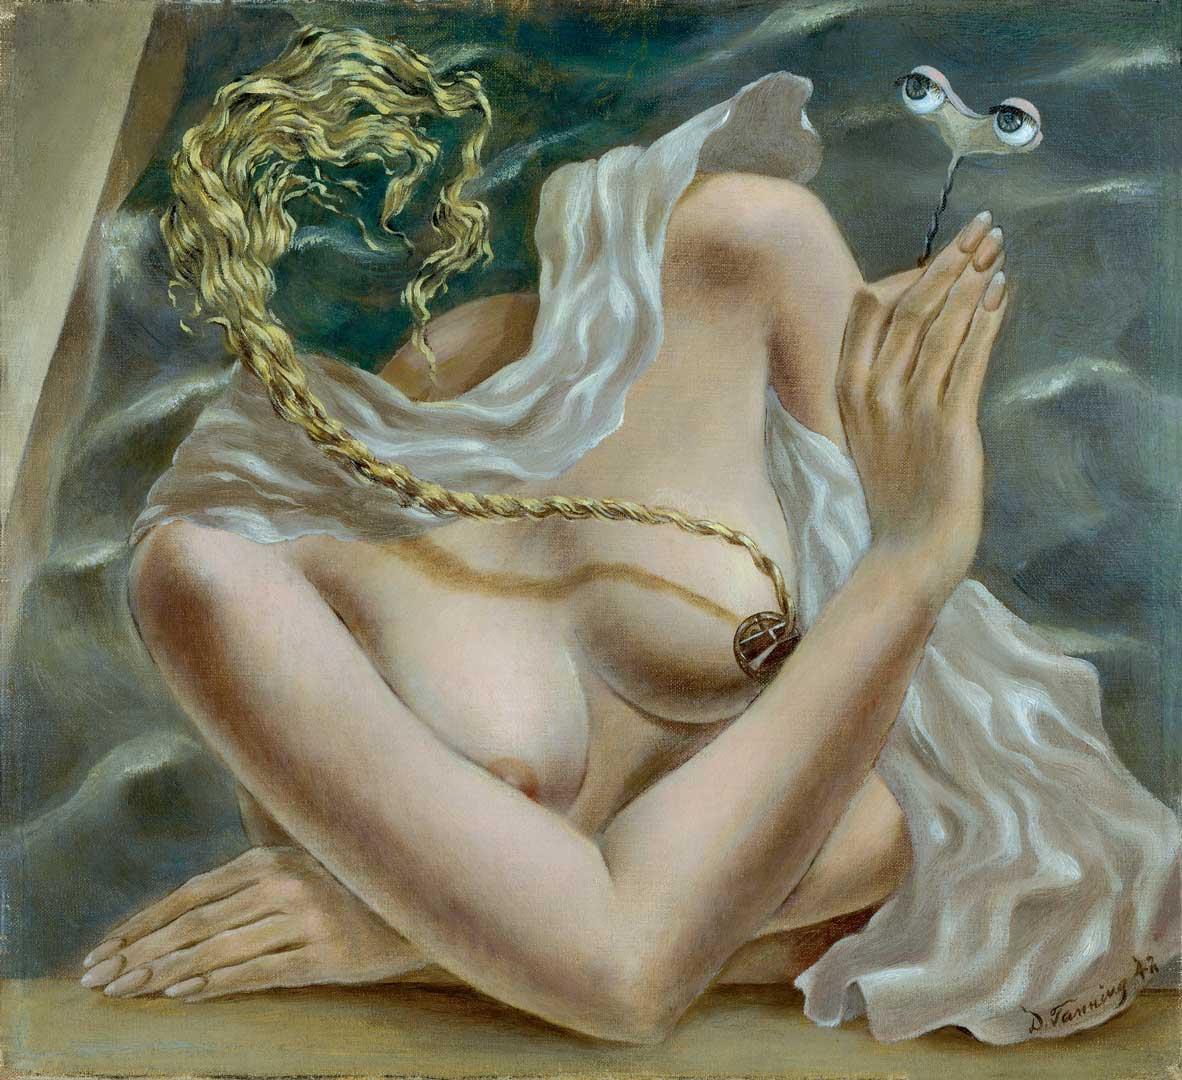 Voltage - Cuadro Surrealista pintado por Dorothea Tanning en 1942 - Óleo sobre Lienzo 28 x 30 cm